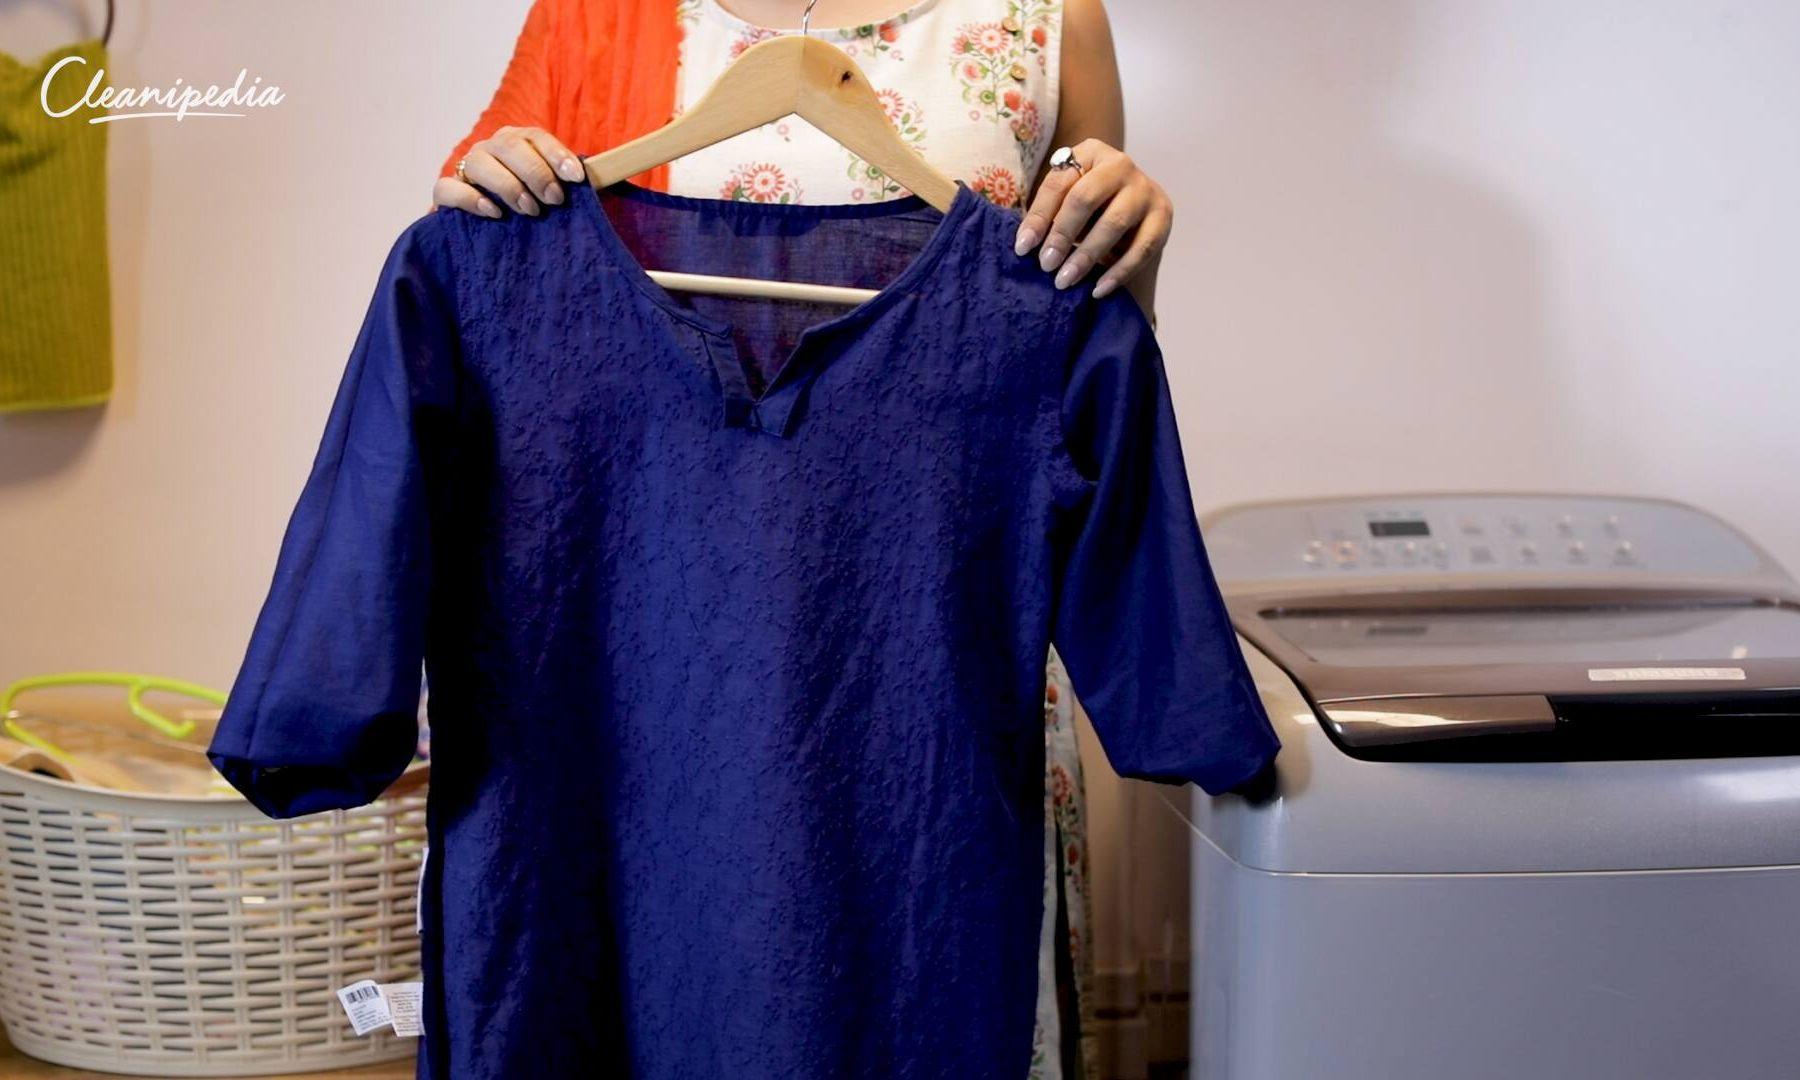 दिवाली में अपने त्यौहार के कपड़ों का ध्यान कैसे रखें   क्लीएनीपीडिया